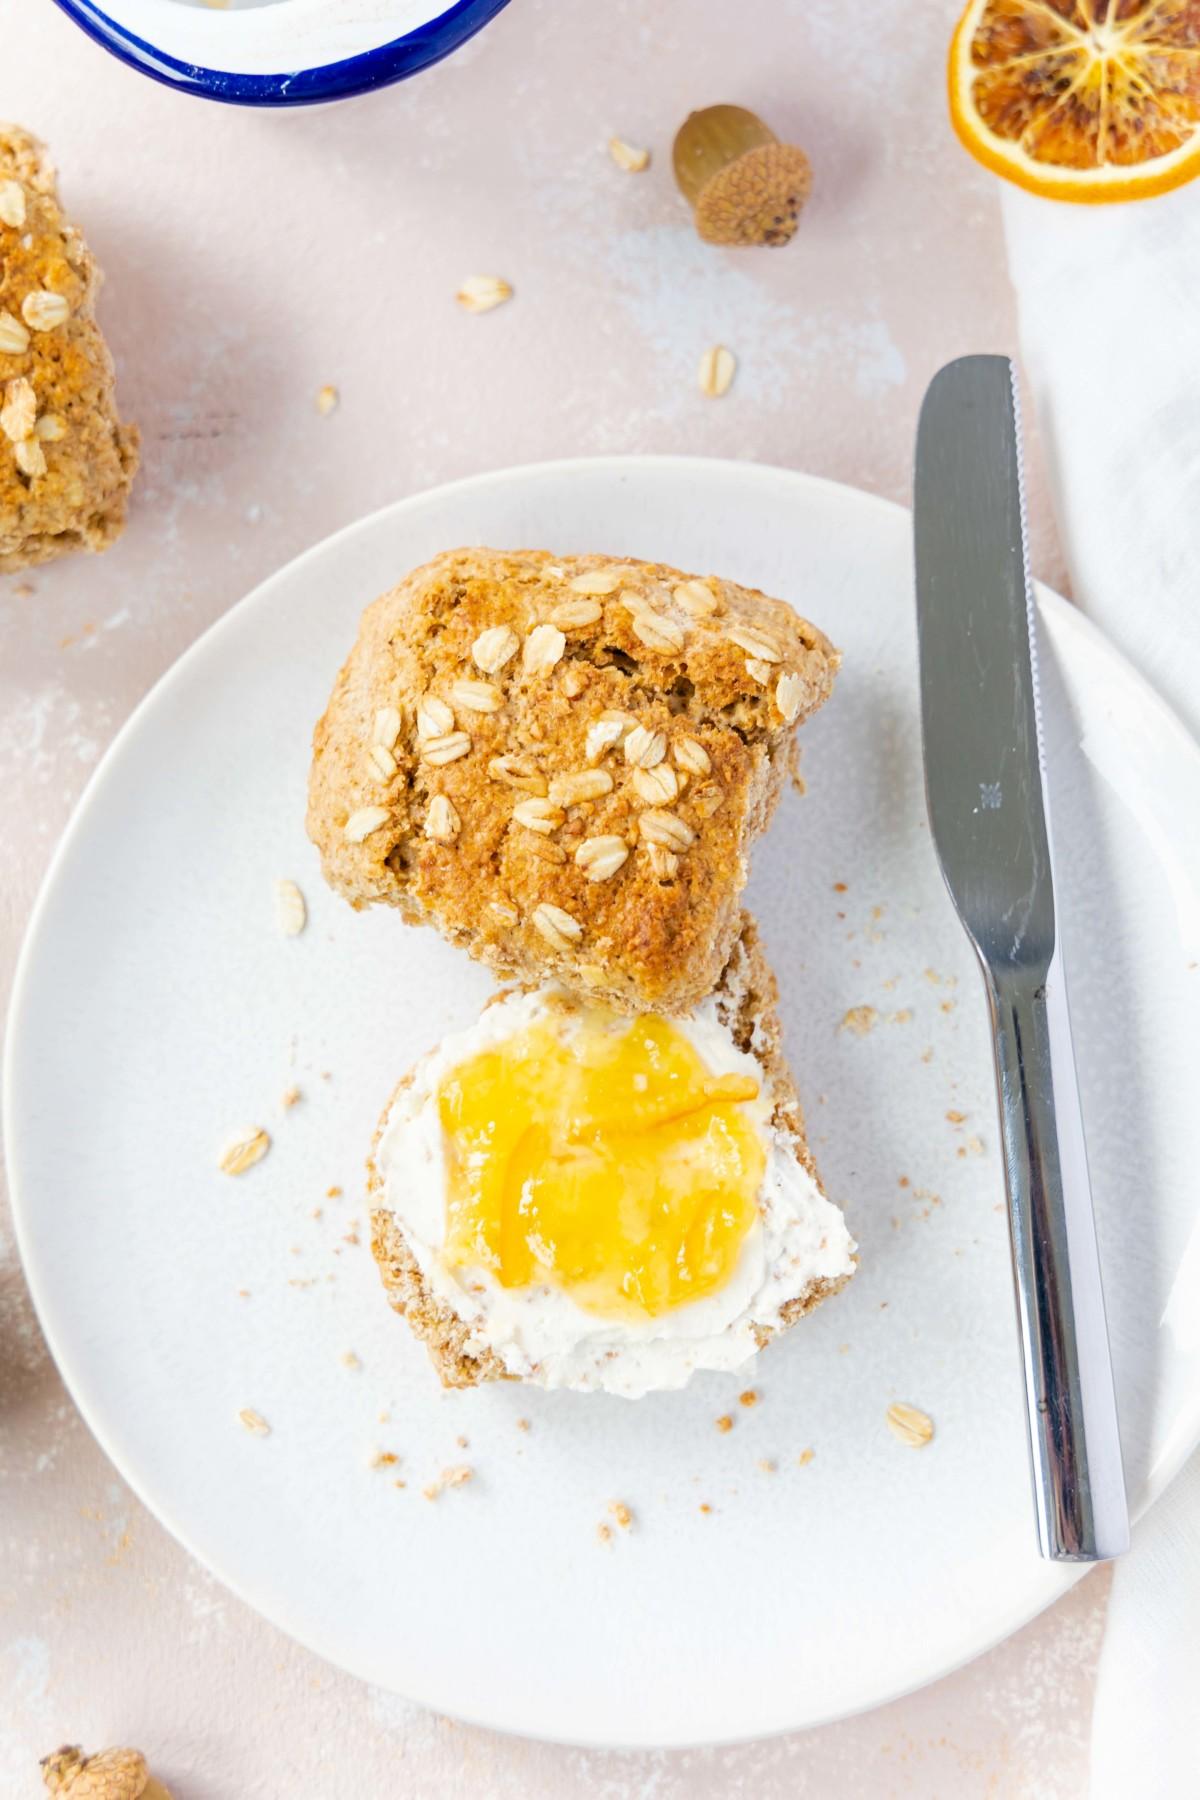 Vollkorn Scones mit Haferflocken und Ahornsirup // Whole Wheat Scones with oats and maple sirup by https://babyrockmyday.com/vollkorn-scones